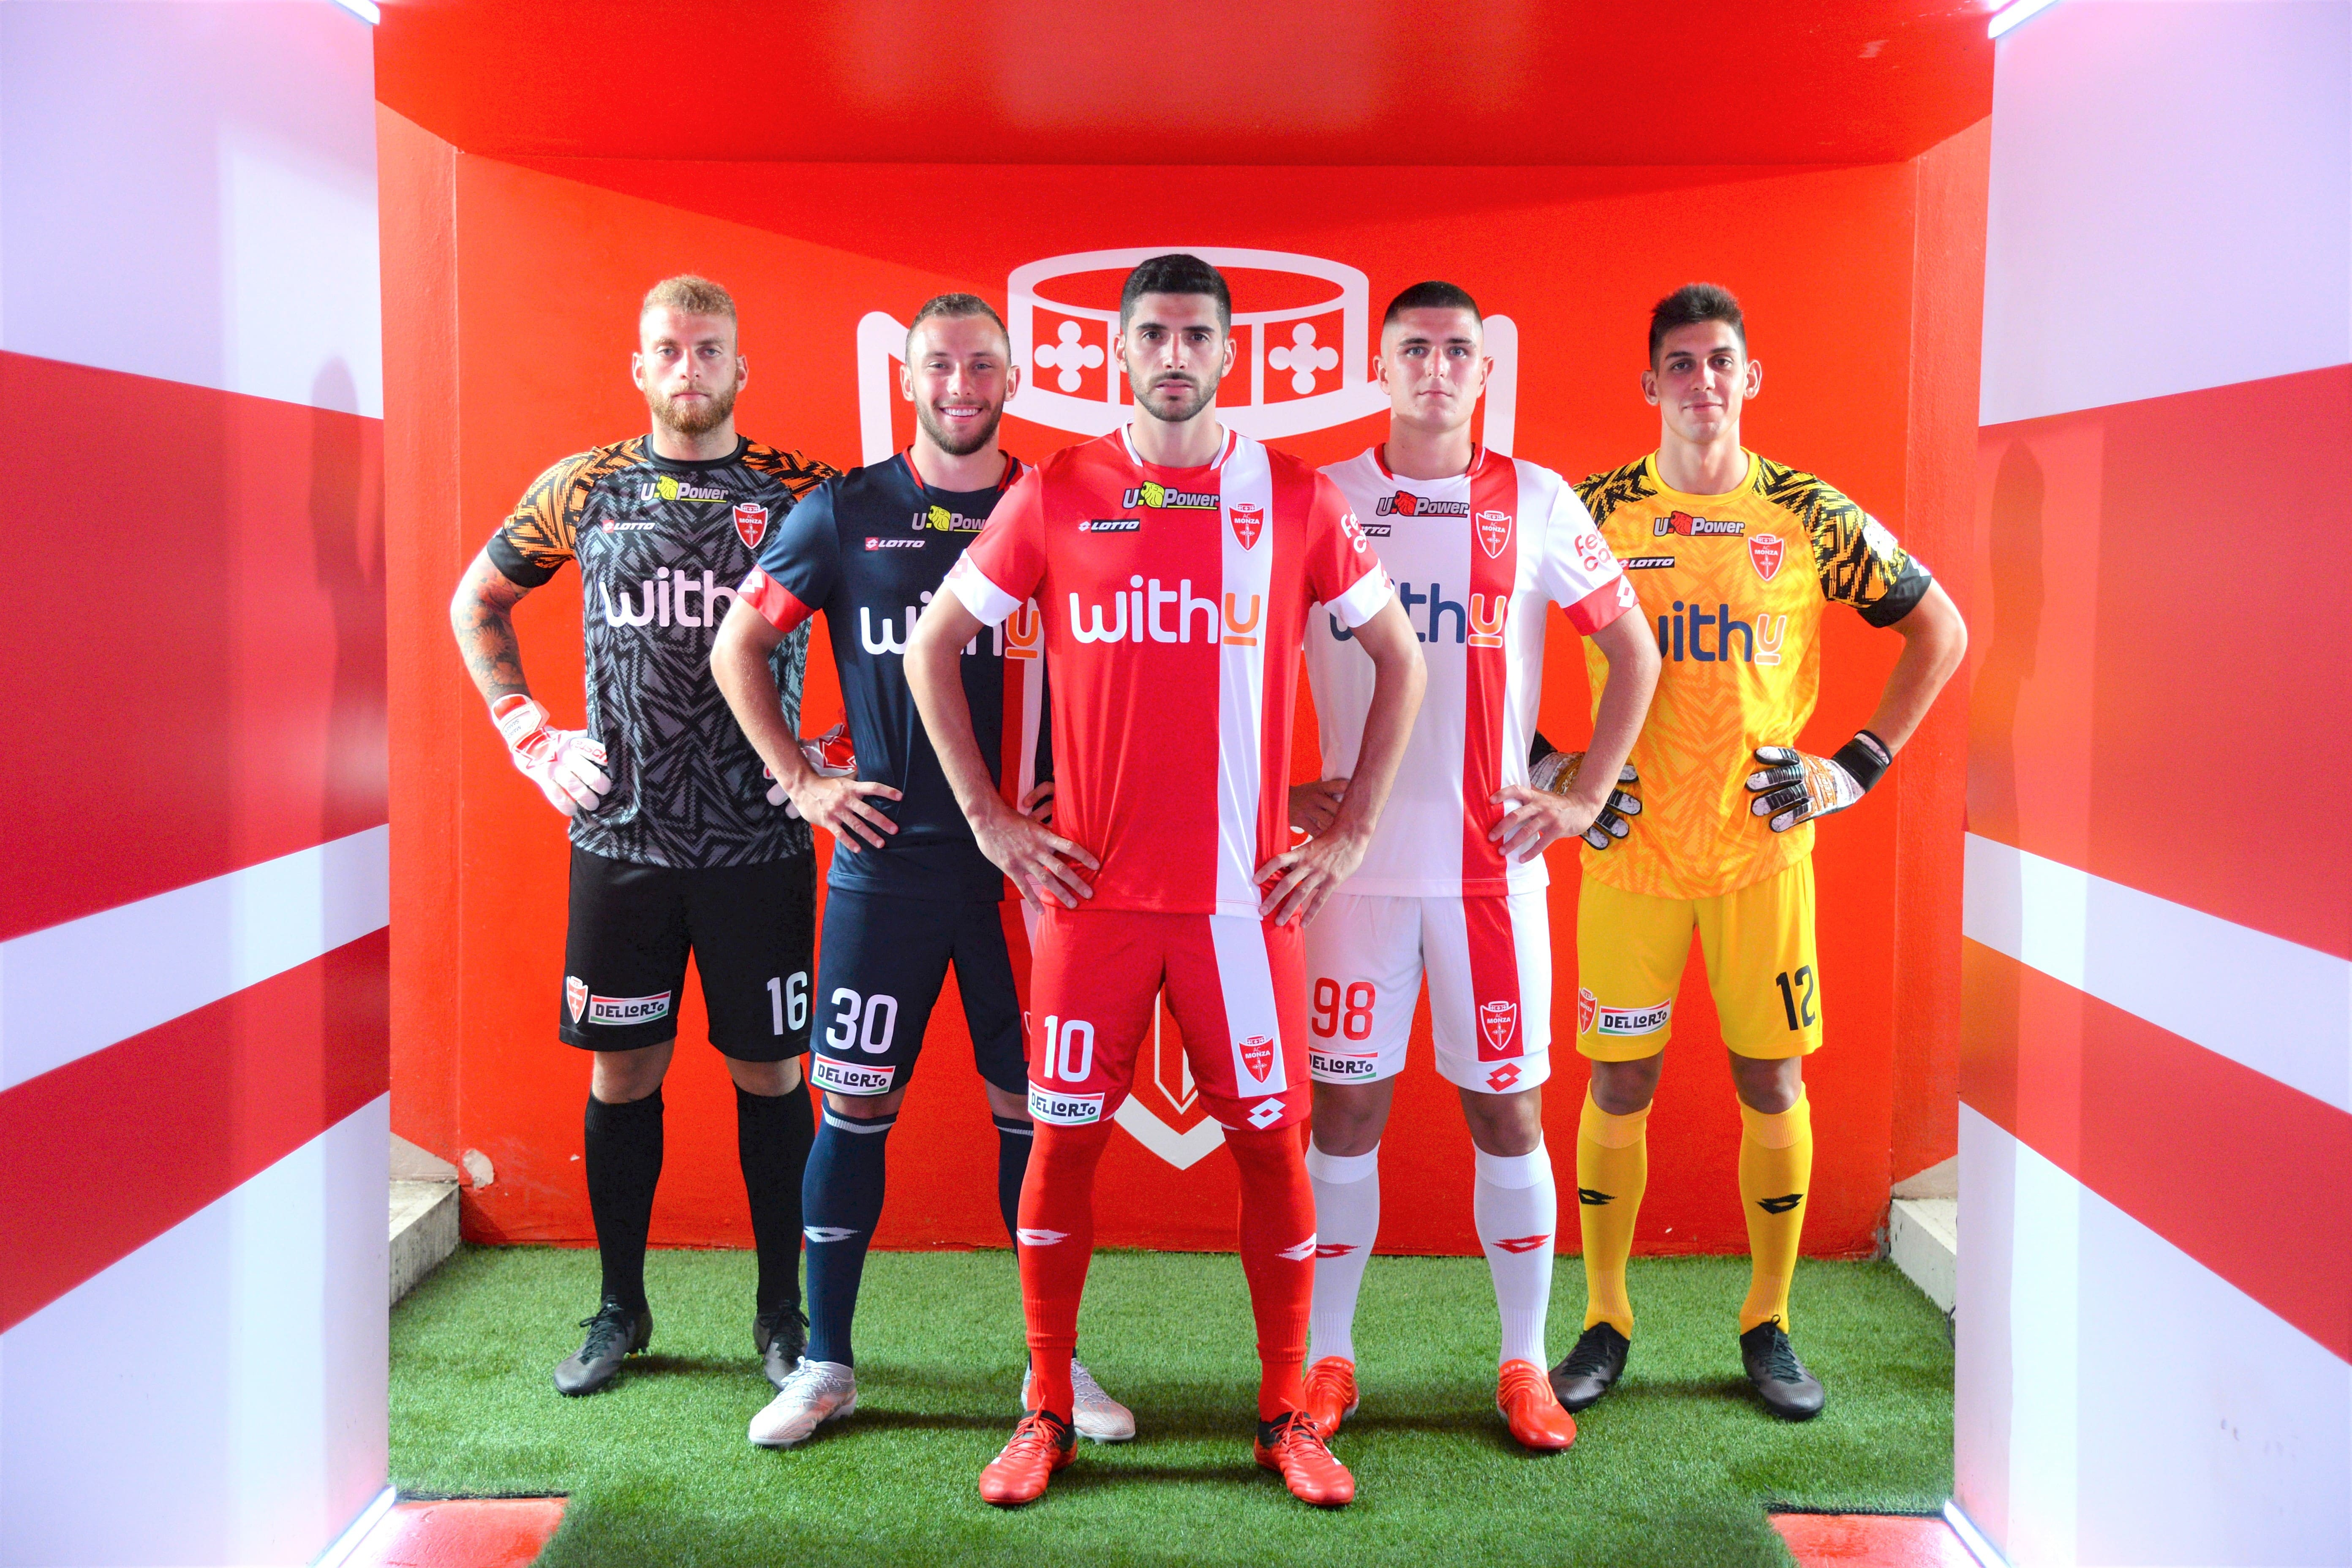 Continua per la terza stagione la partnership tra&nbsp;AC Monza&nbsp;e&nbsp;Lotto Sport Italia, che hanno svelato le divise da gioco 2021/2022<br /><br />  &nbsp;<br /><br />